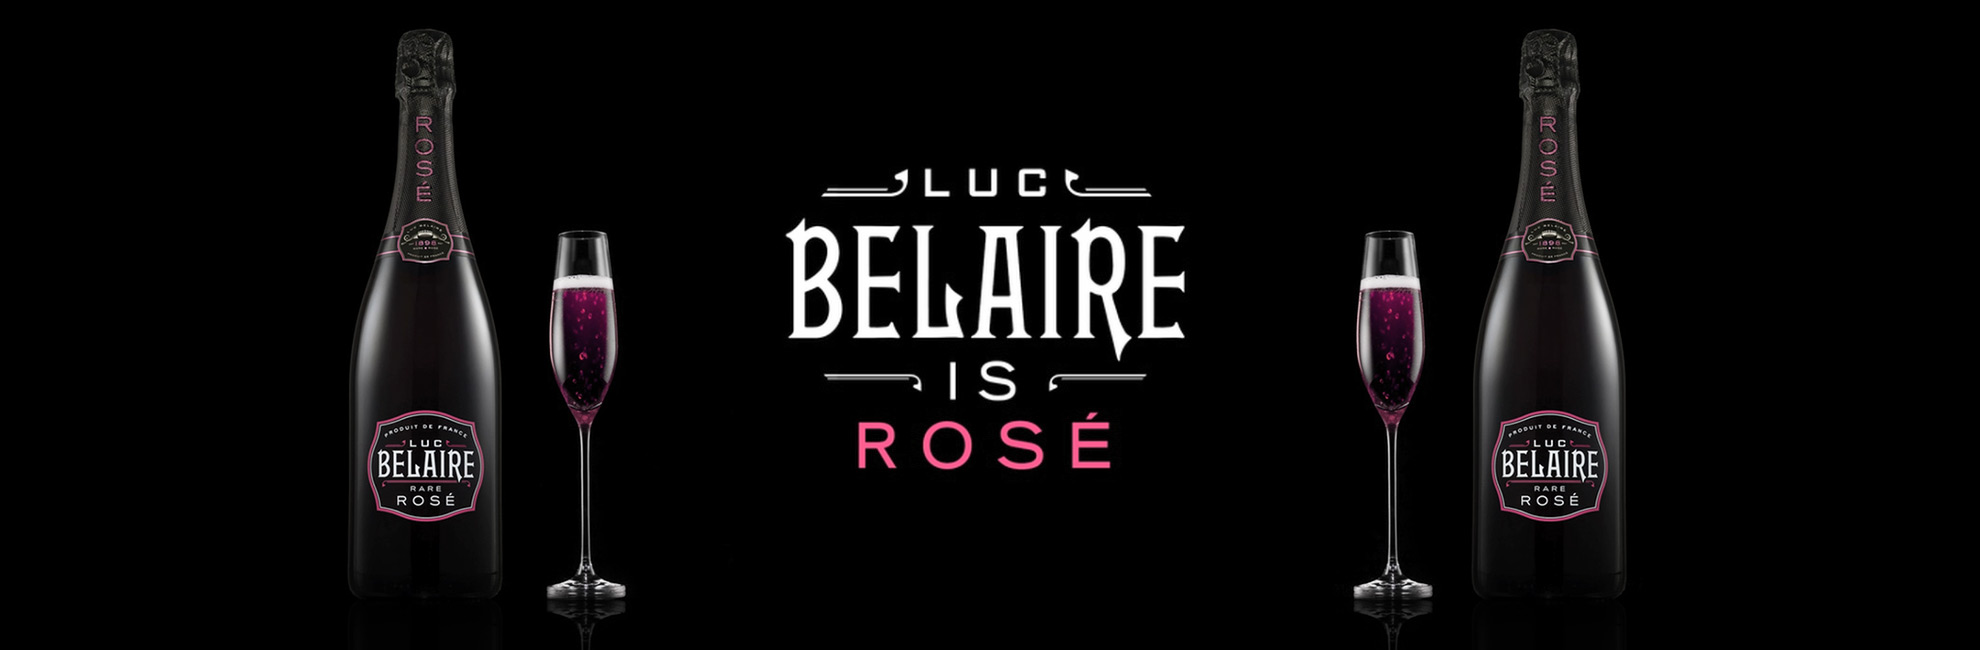 belaire_1980x650